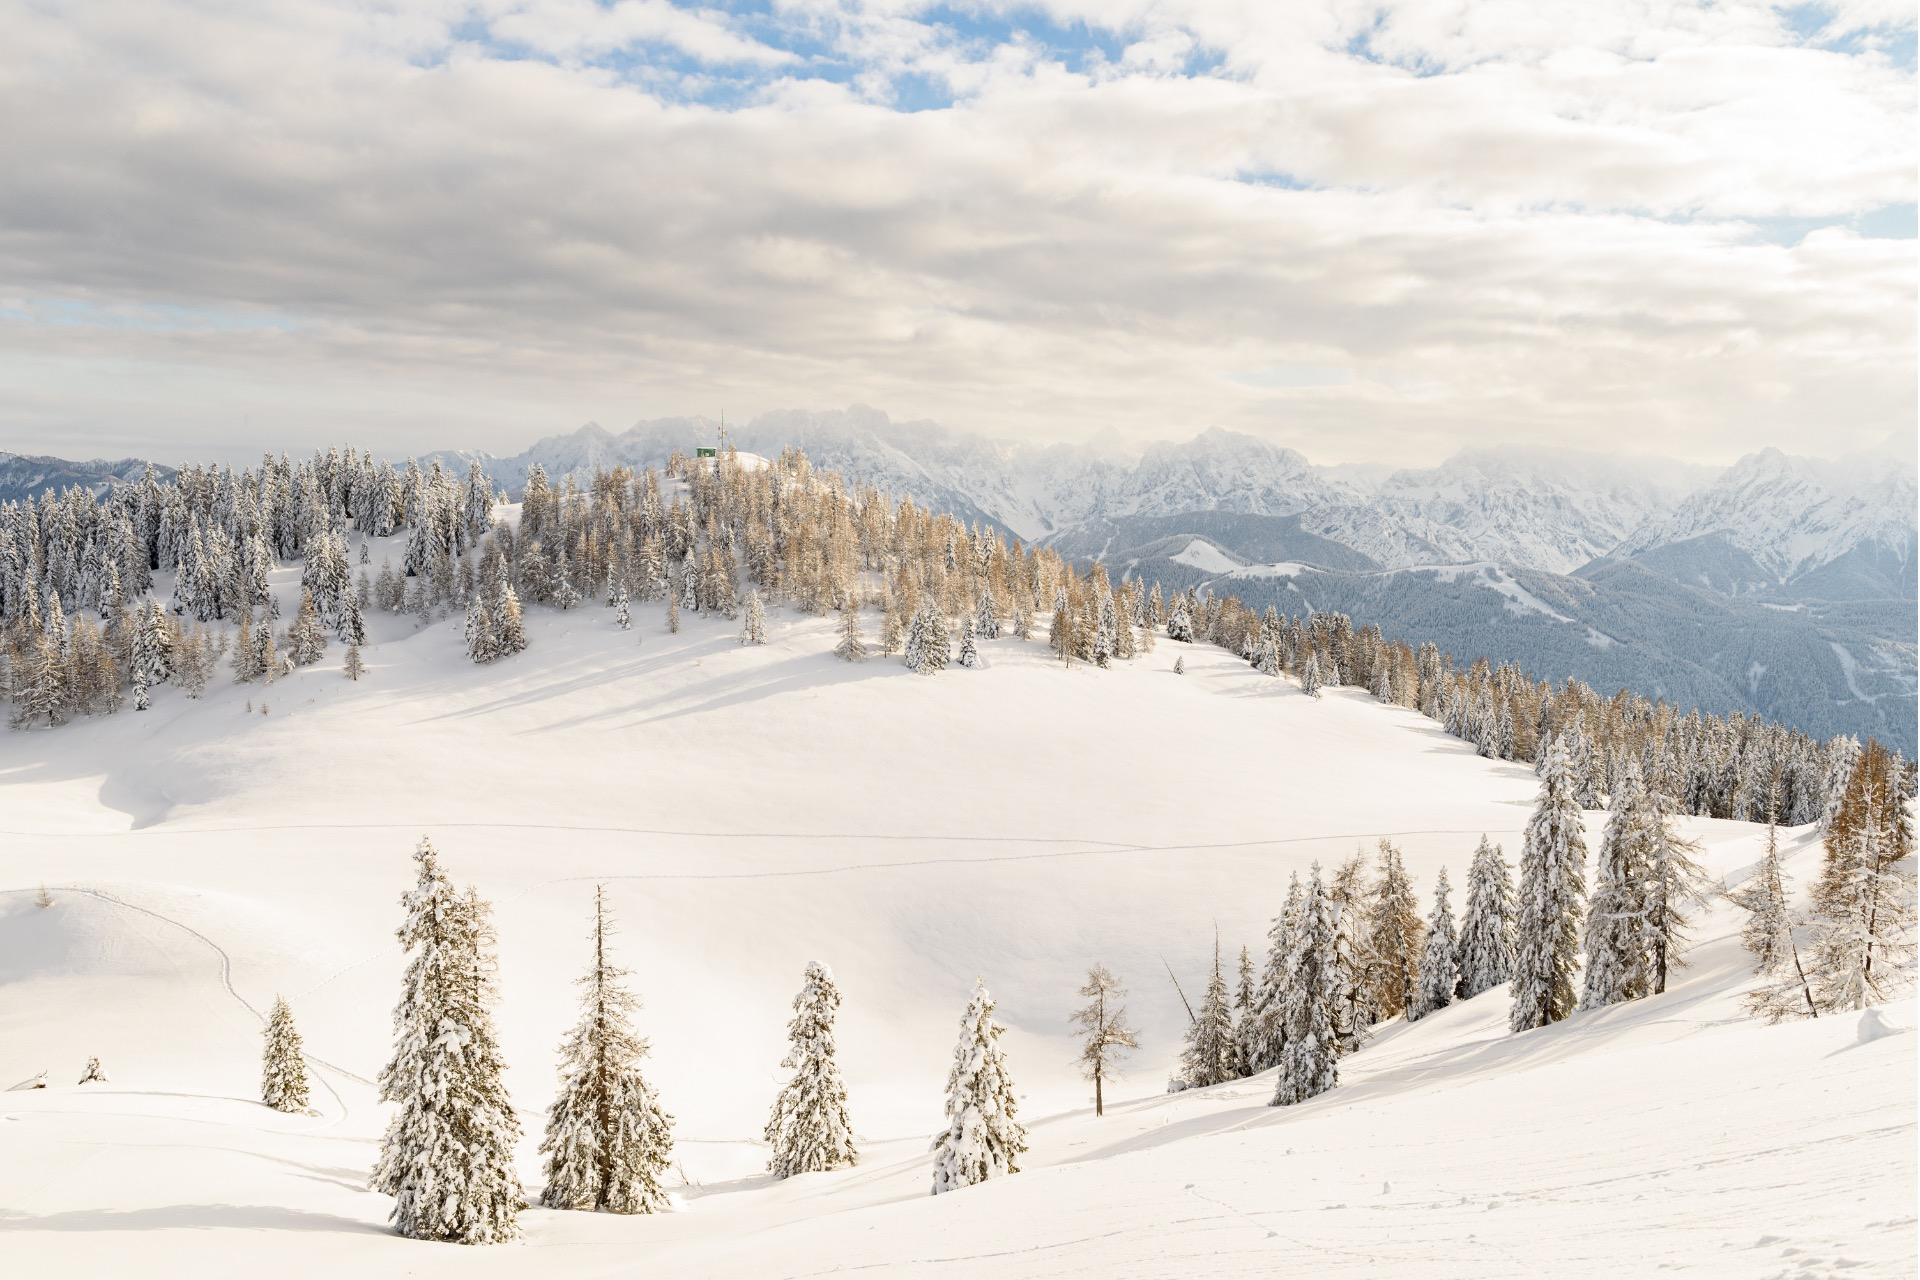 Winterurlaub in den Bergen & im Schnee - cover